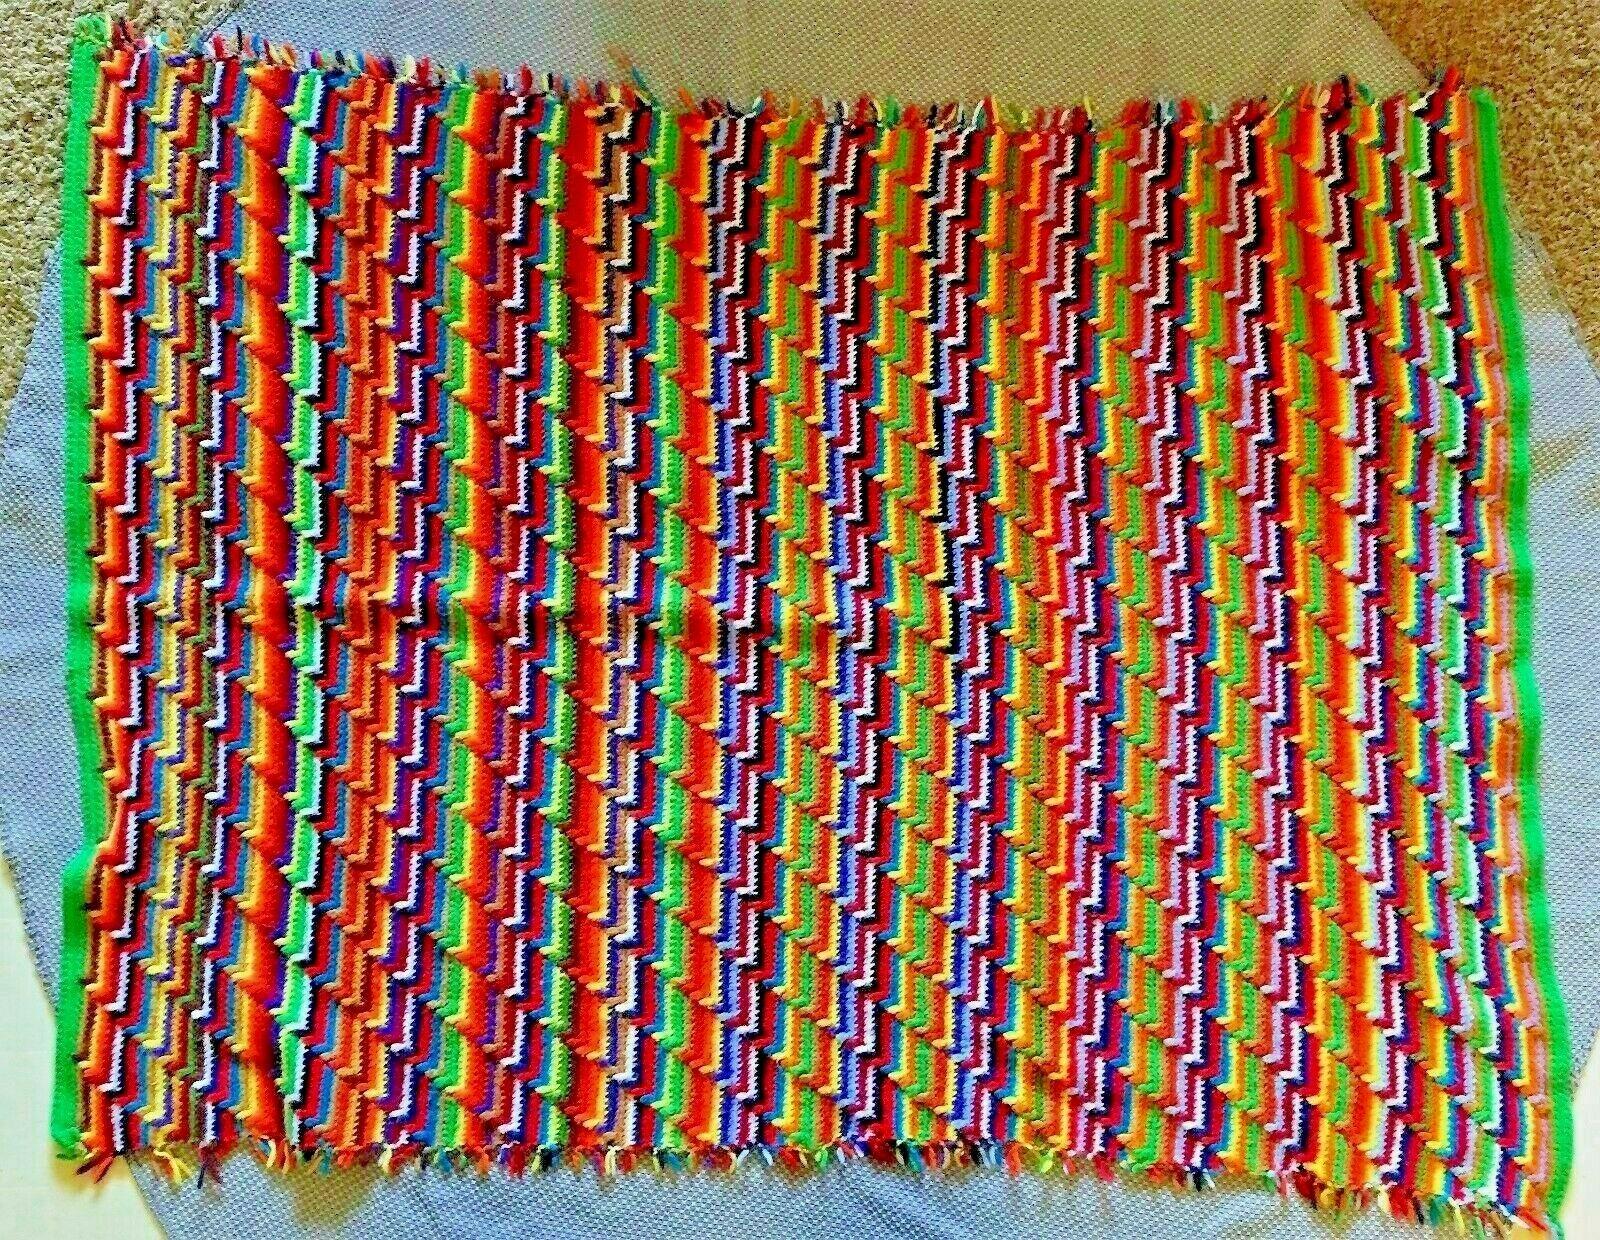 VTG Handmade Multi color Rainbow Crochet Grandma Blanket Throw Fringe Southwest